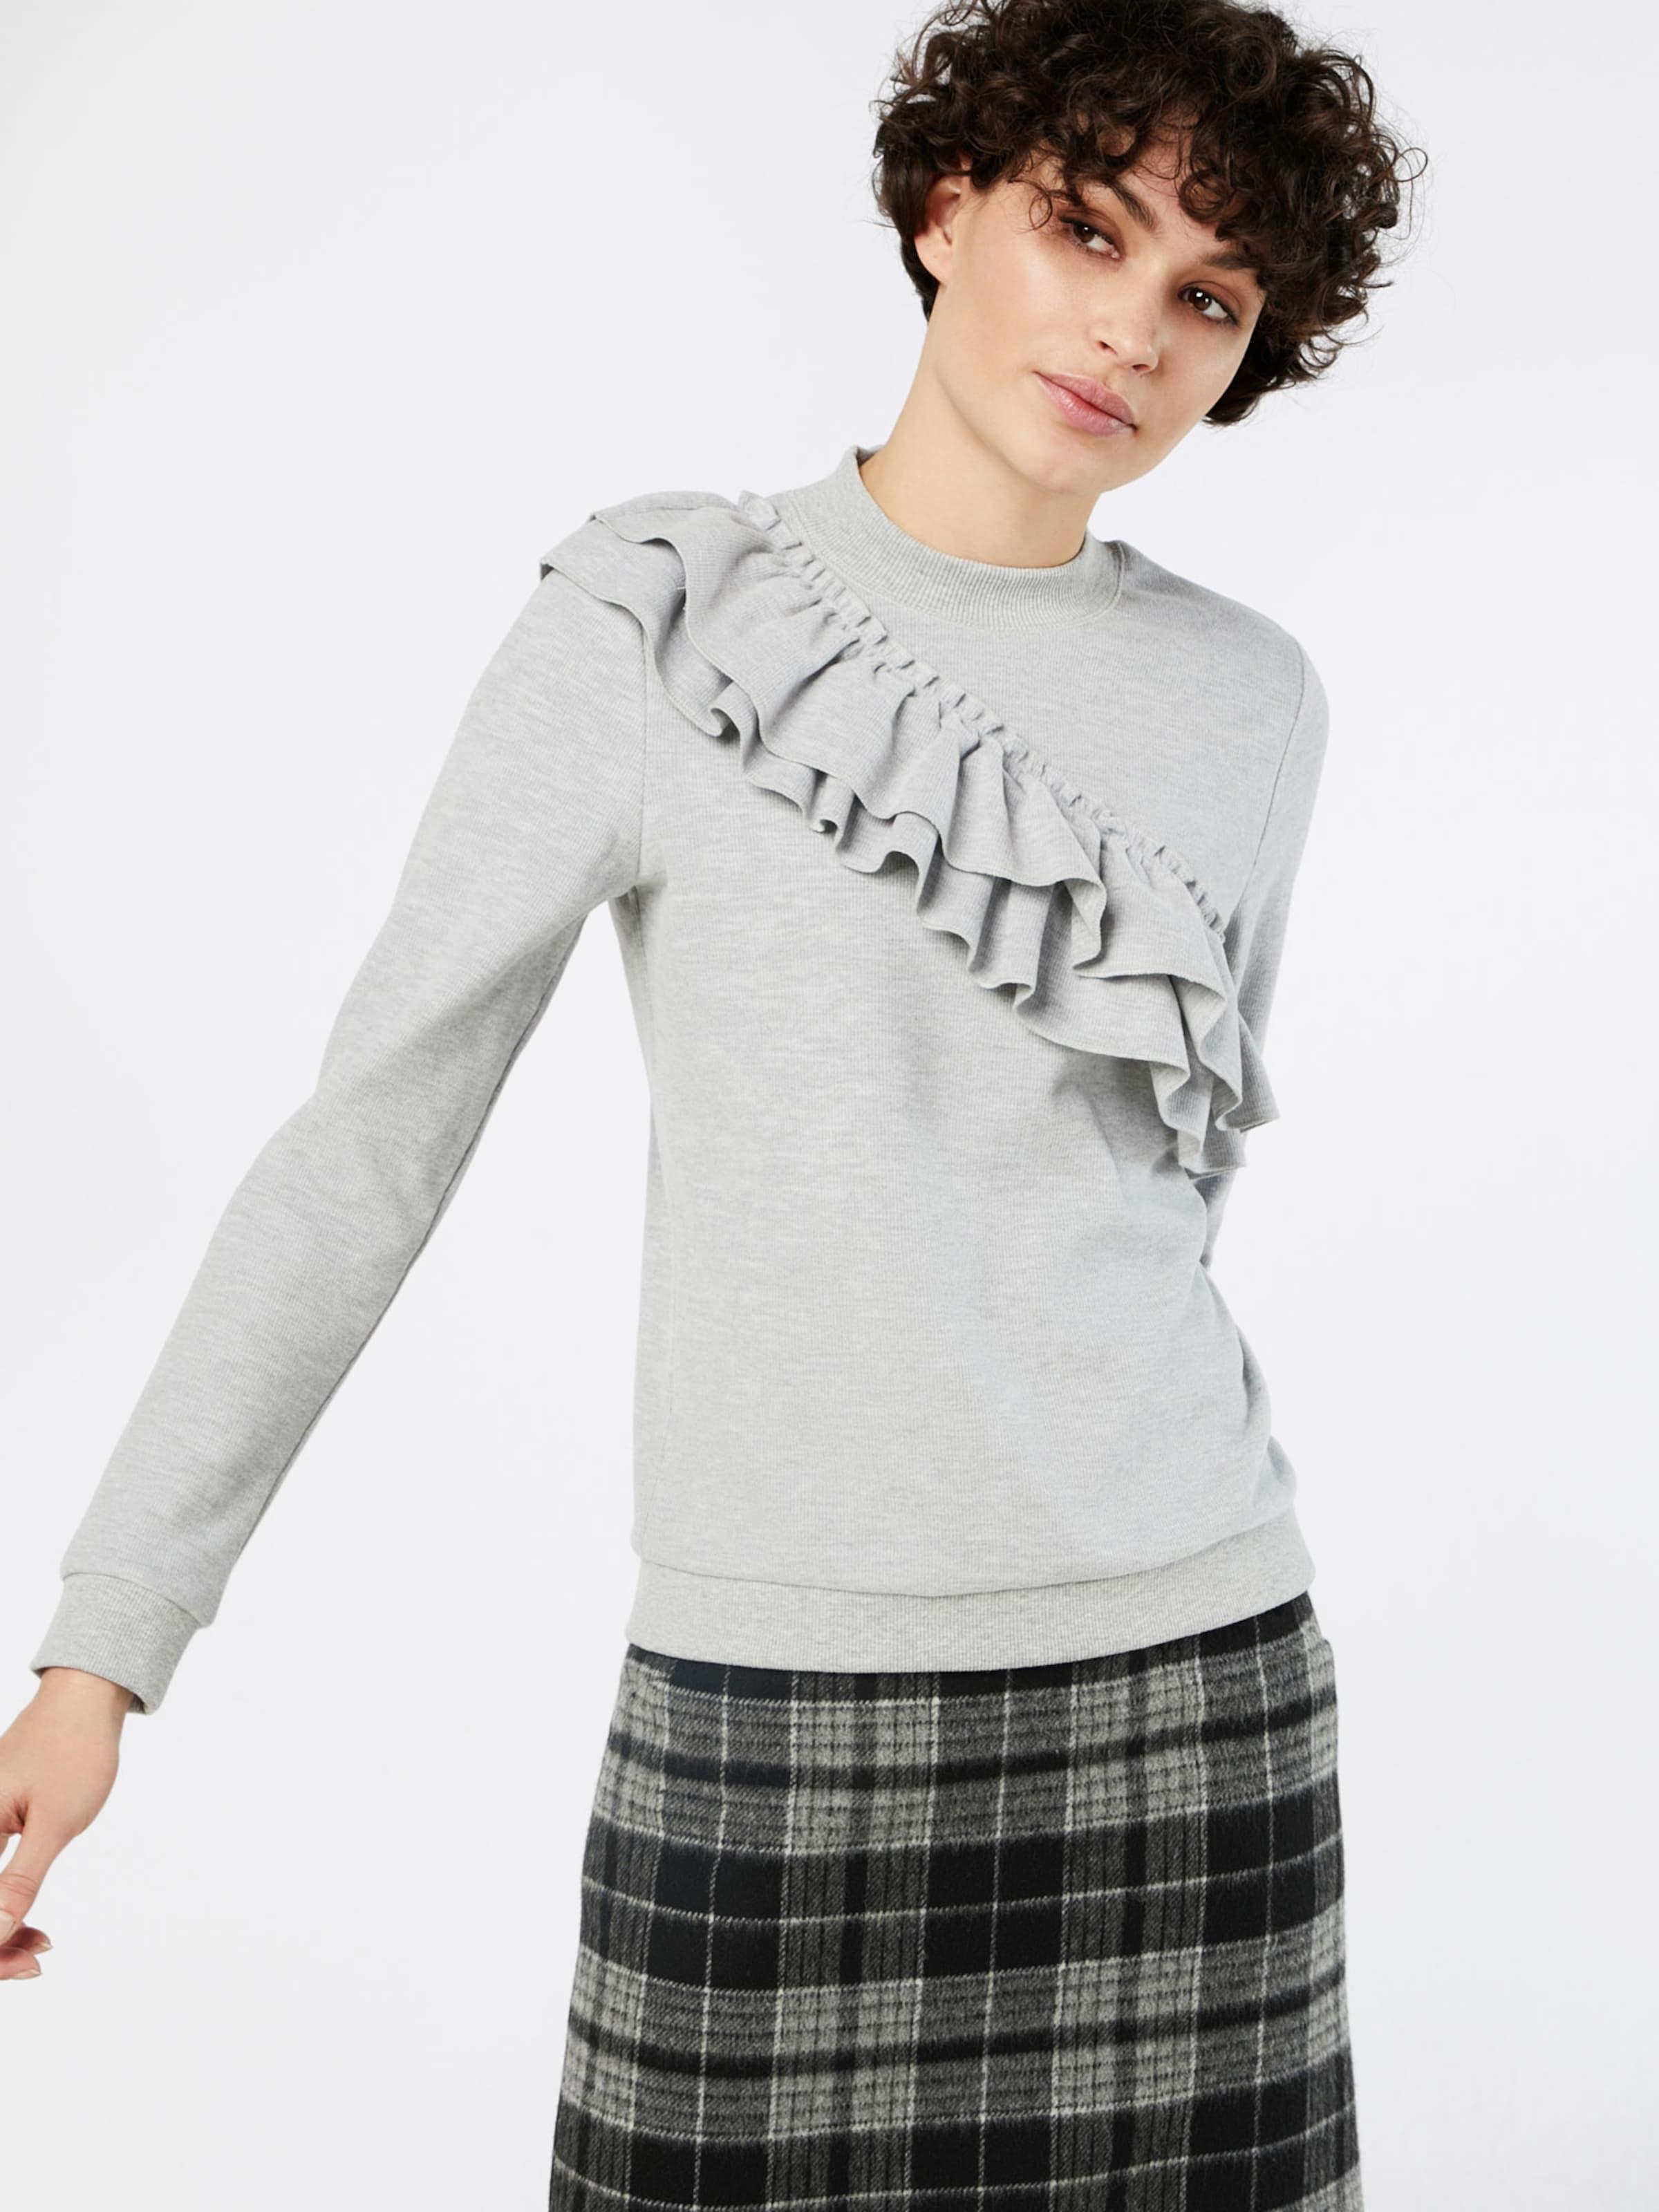 Review Sweatshirt 'VOLANT TURTLE' Wählen Sie Eine Beste Günstig Kaufen Geniue Händler AaqsvfC